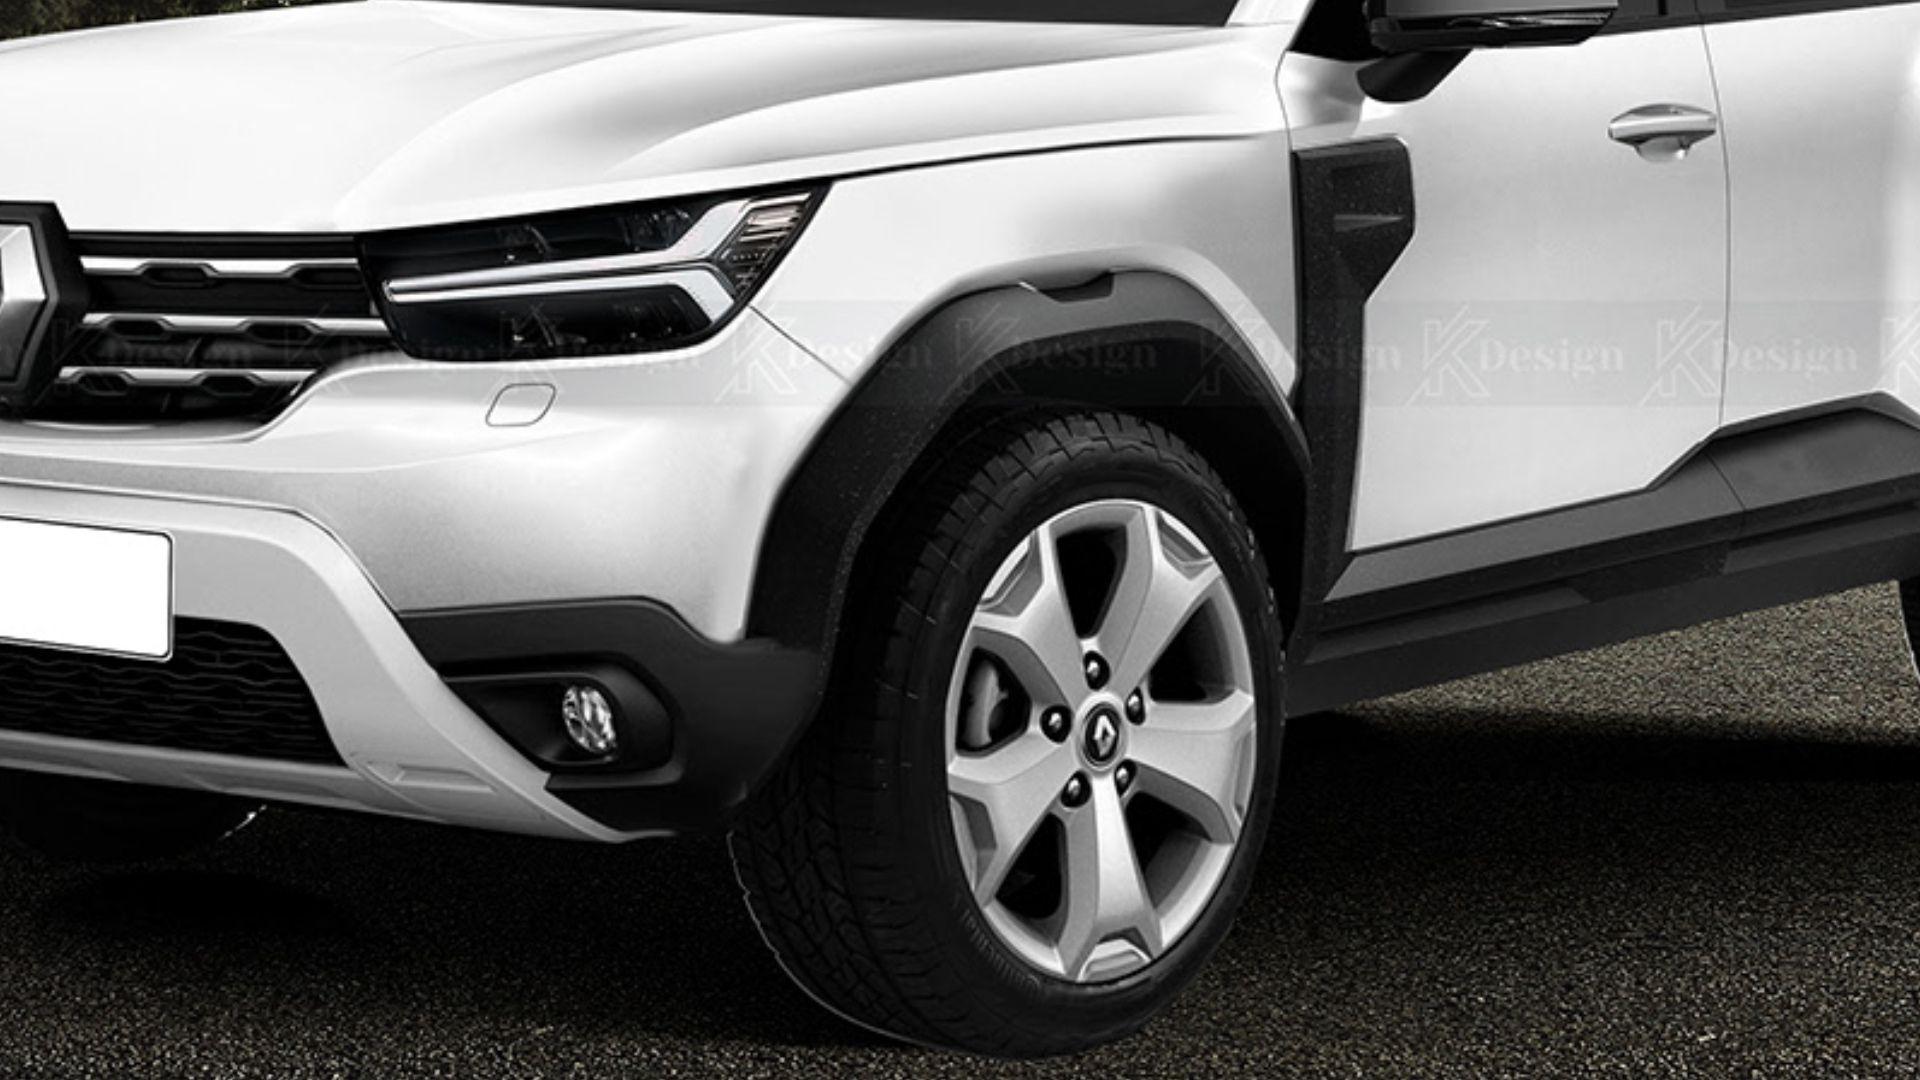 Así sería el Renault Bigster, el nuevo SUV de siete asientos